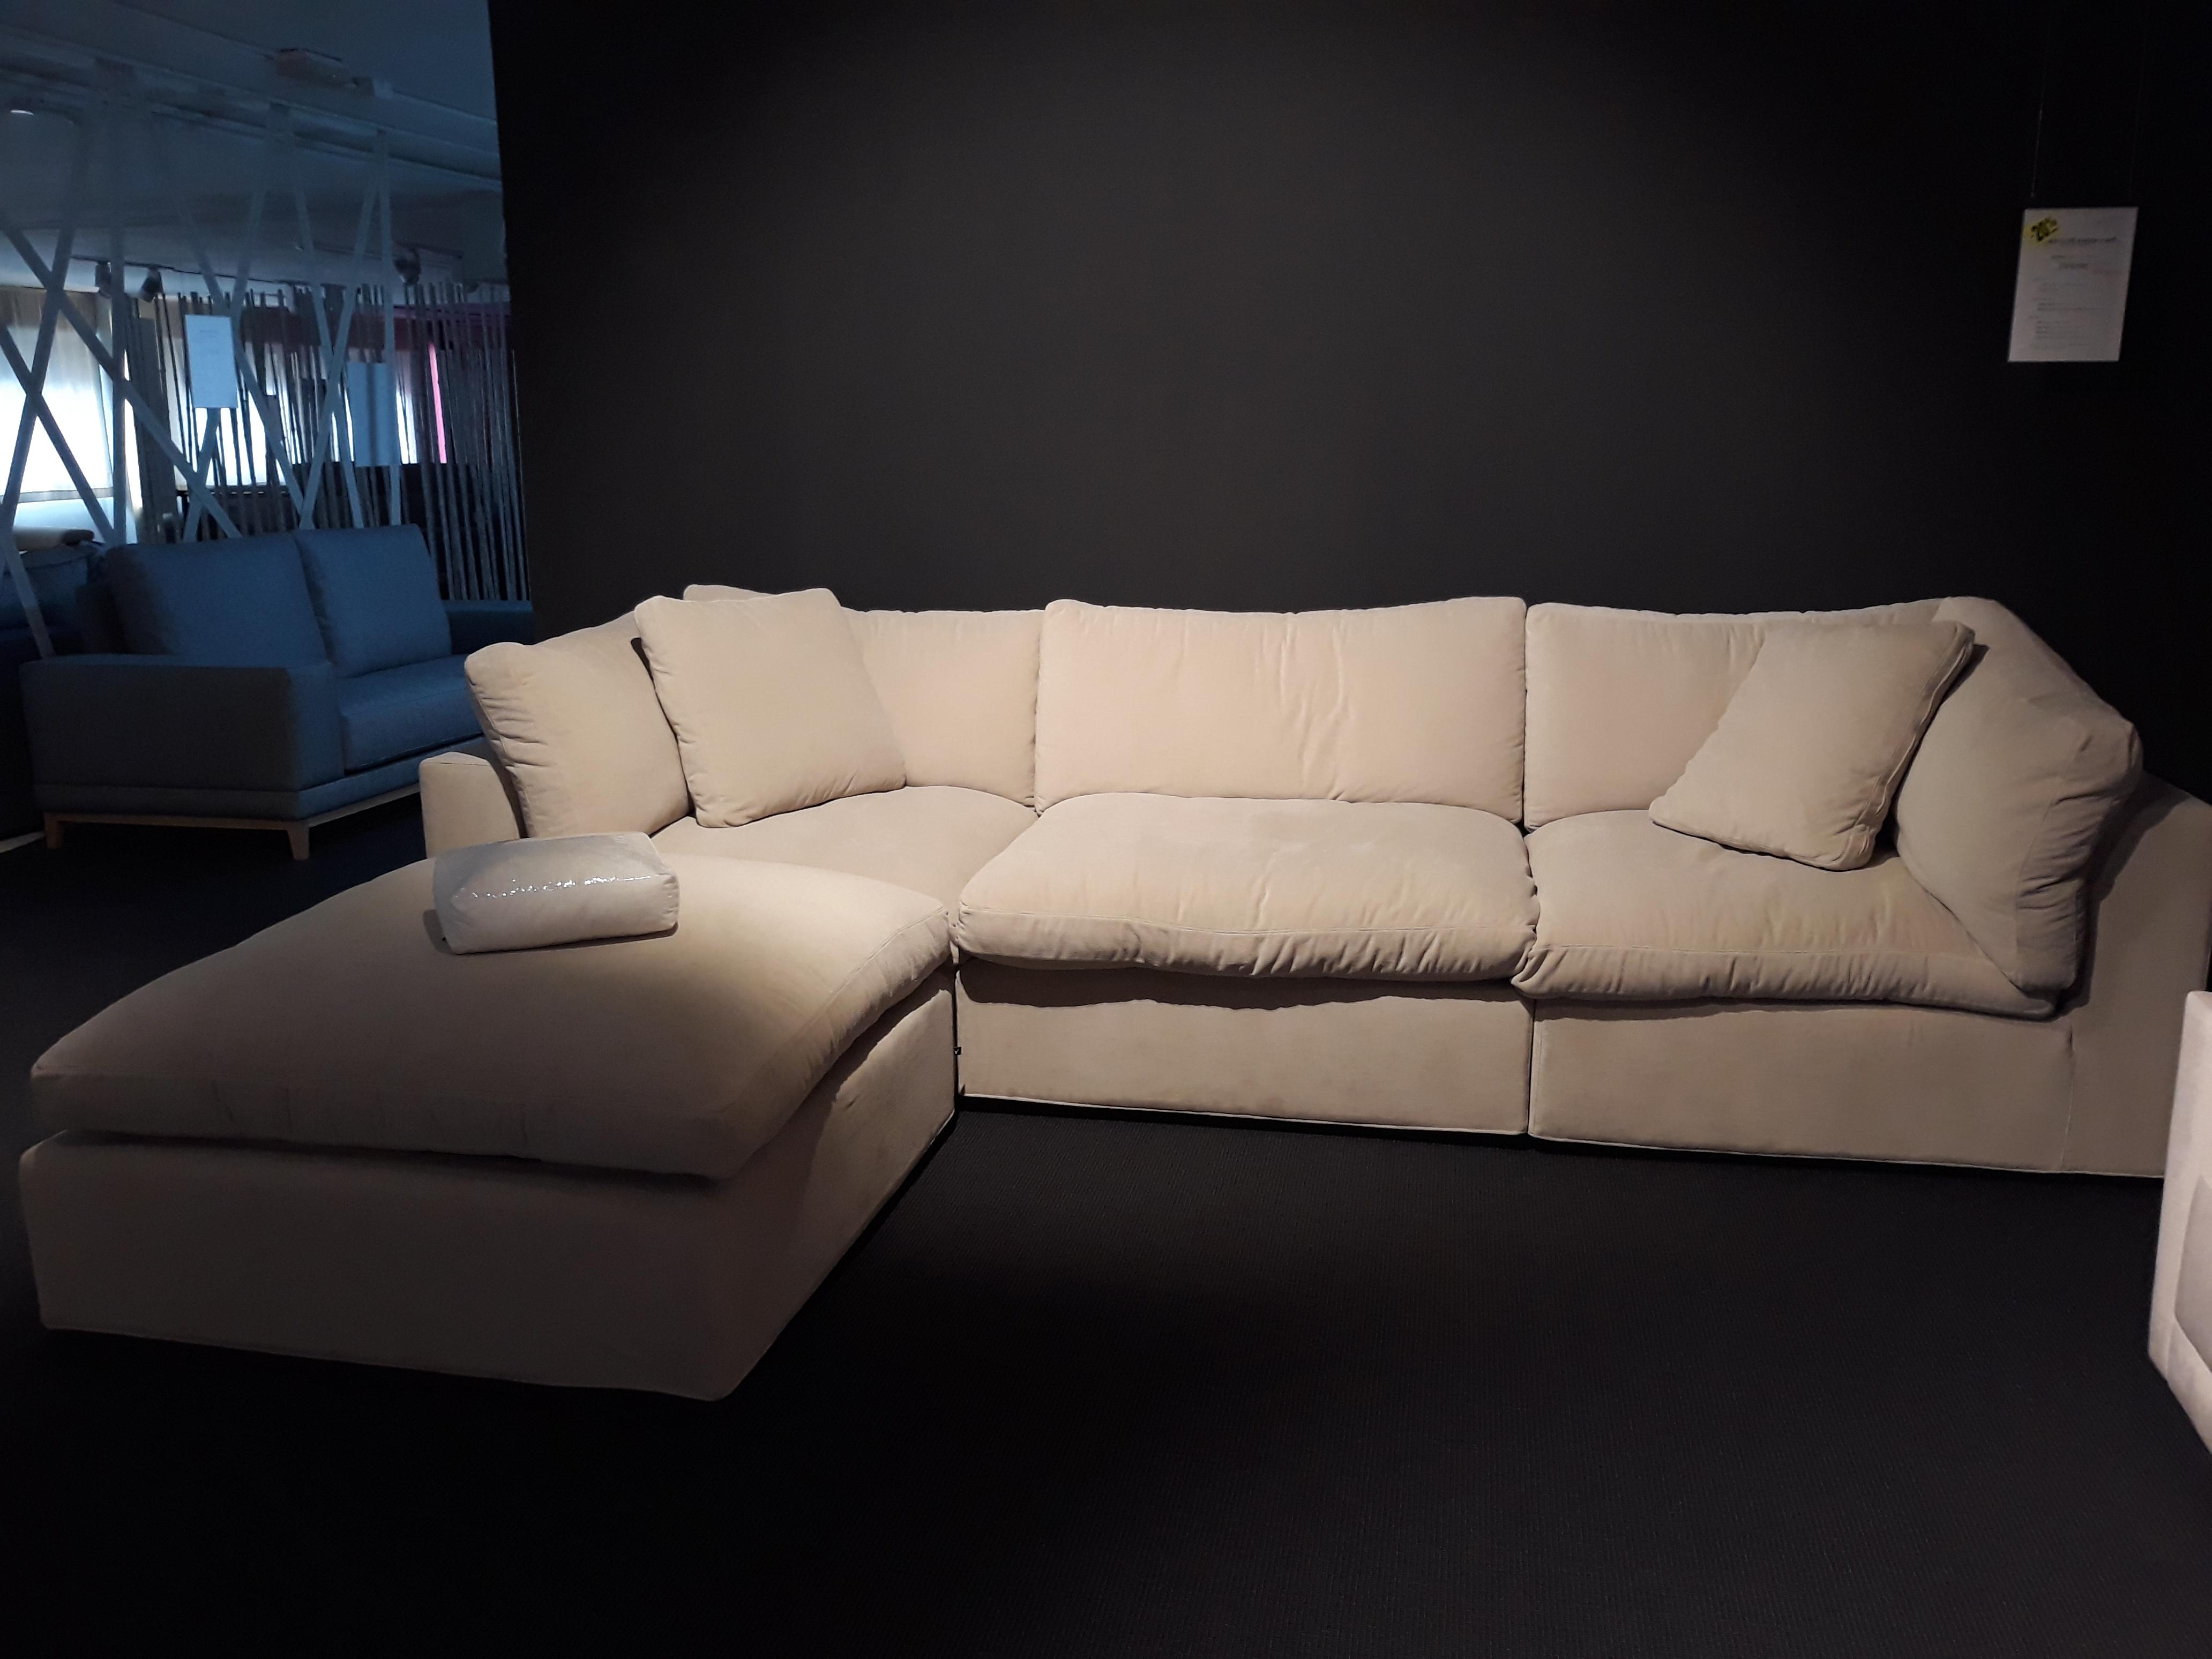 Liquidaci n de sof s atemporal liquidaci n de sof s atemporal - Atemporal sofas ...